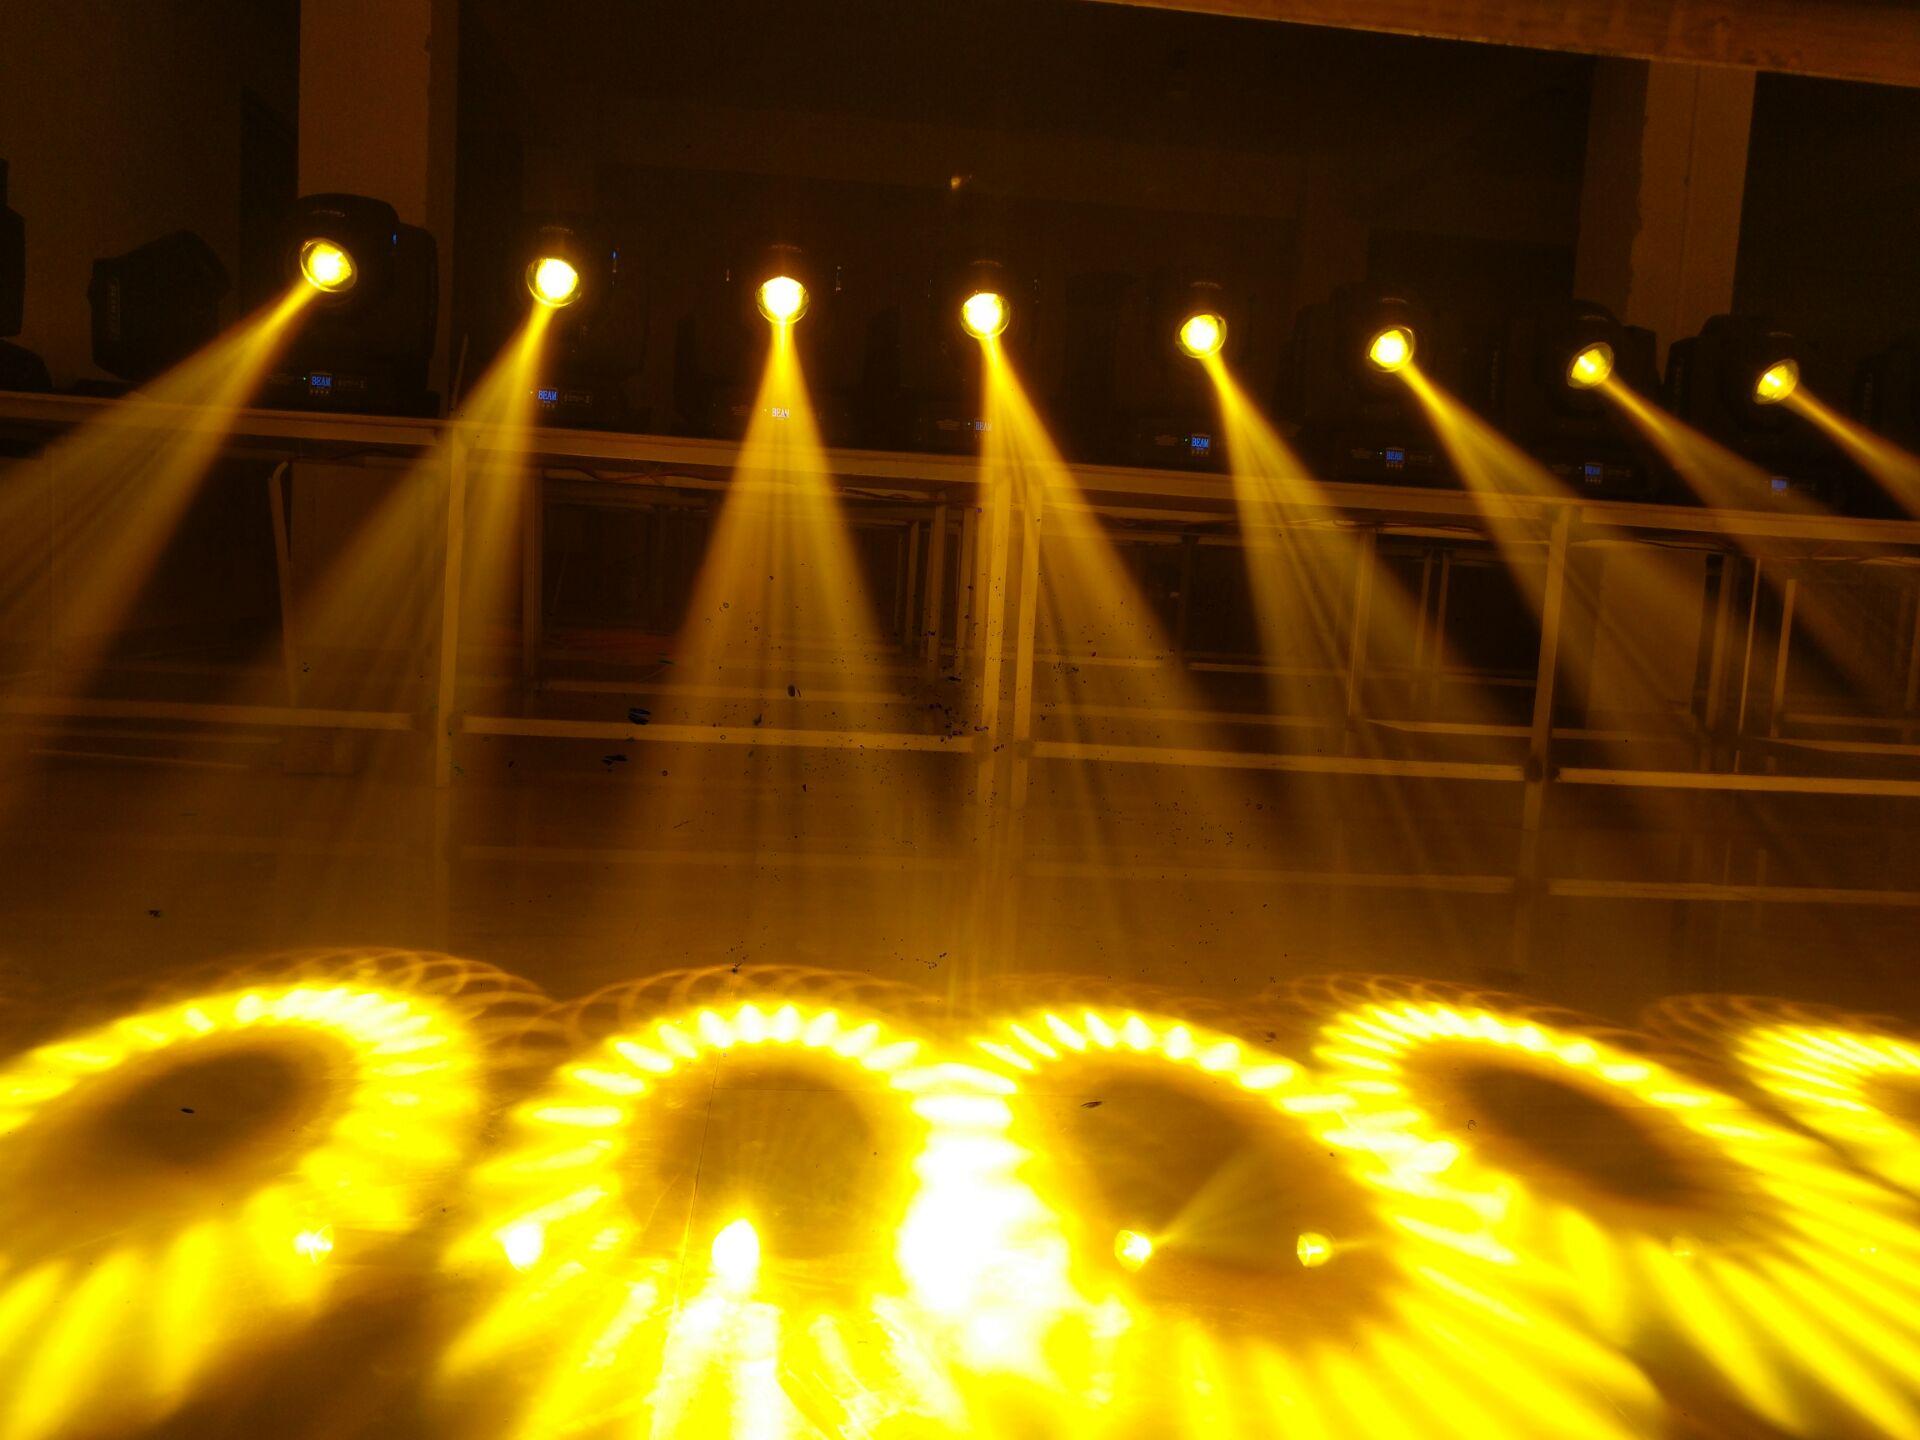 摇头光束灯具有什么样的特性效果图